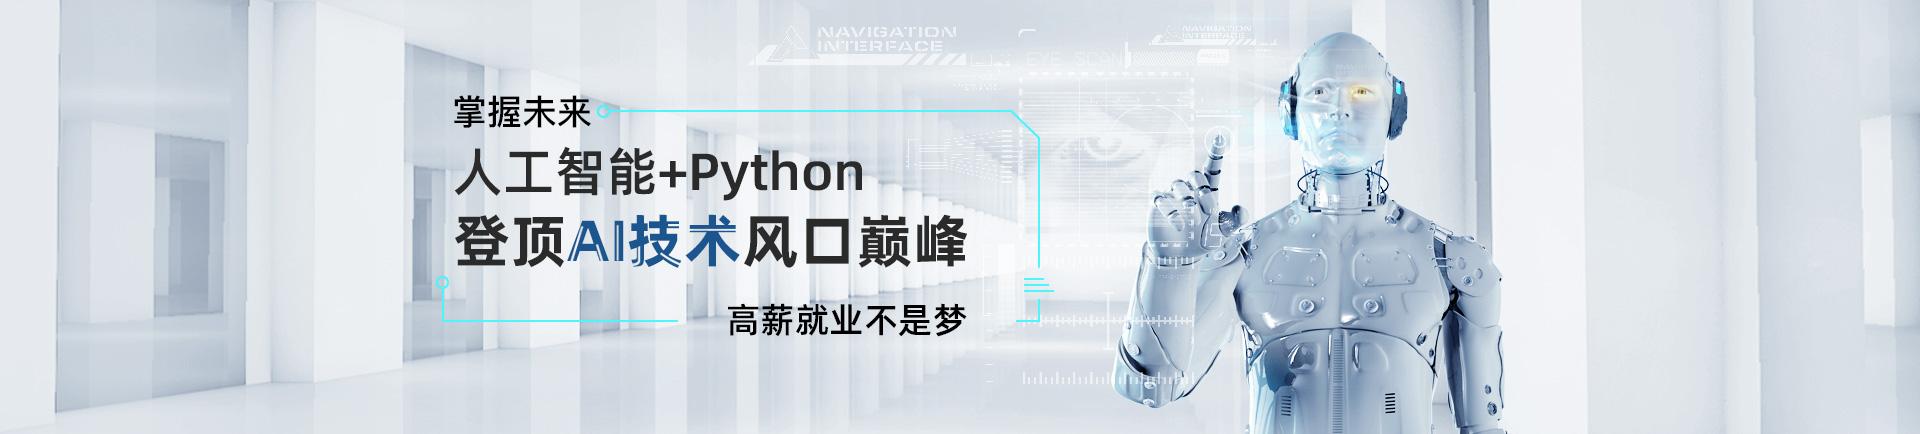 掌握未来,人工智能+Python登顶AI技术巅峰,挑战高薪